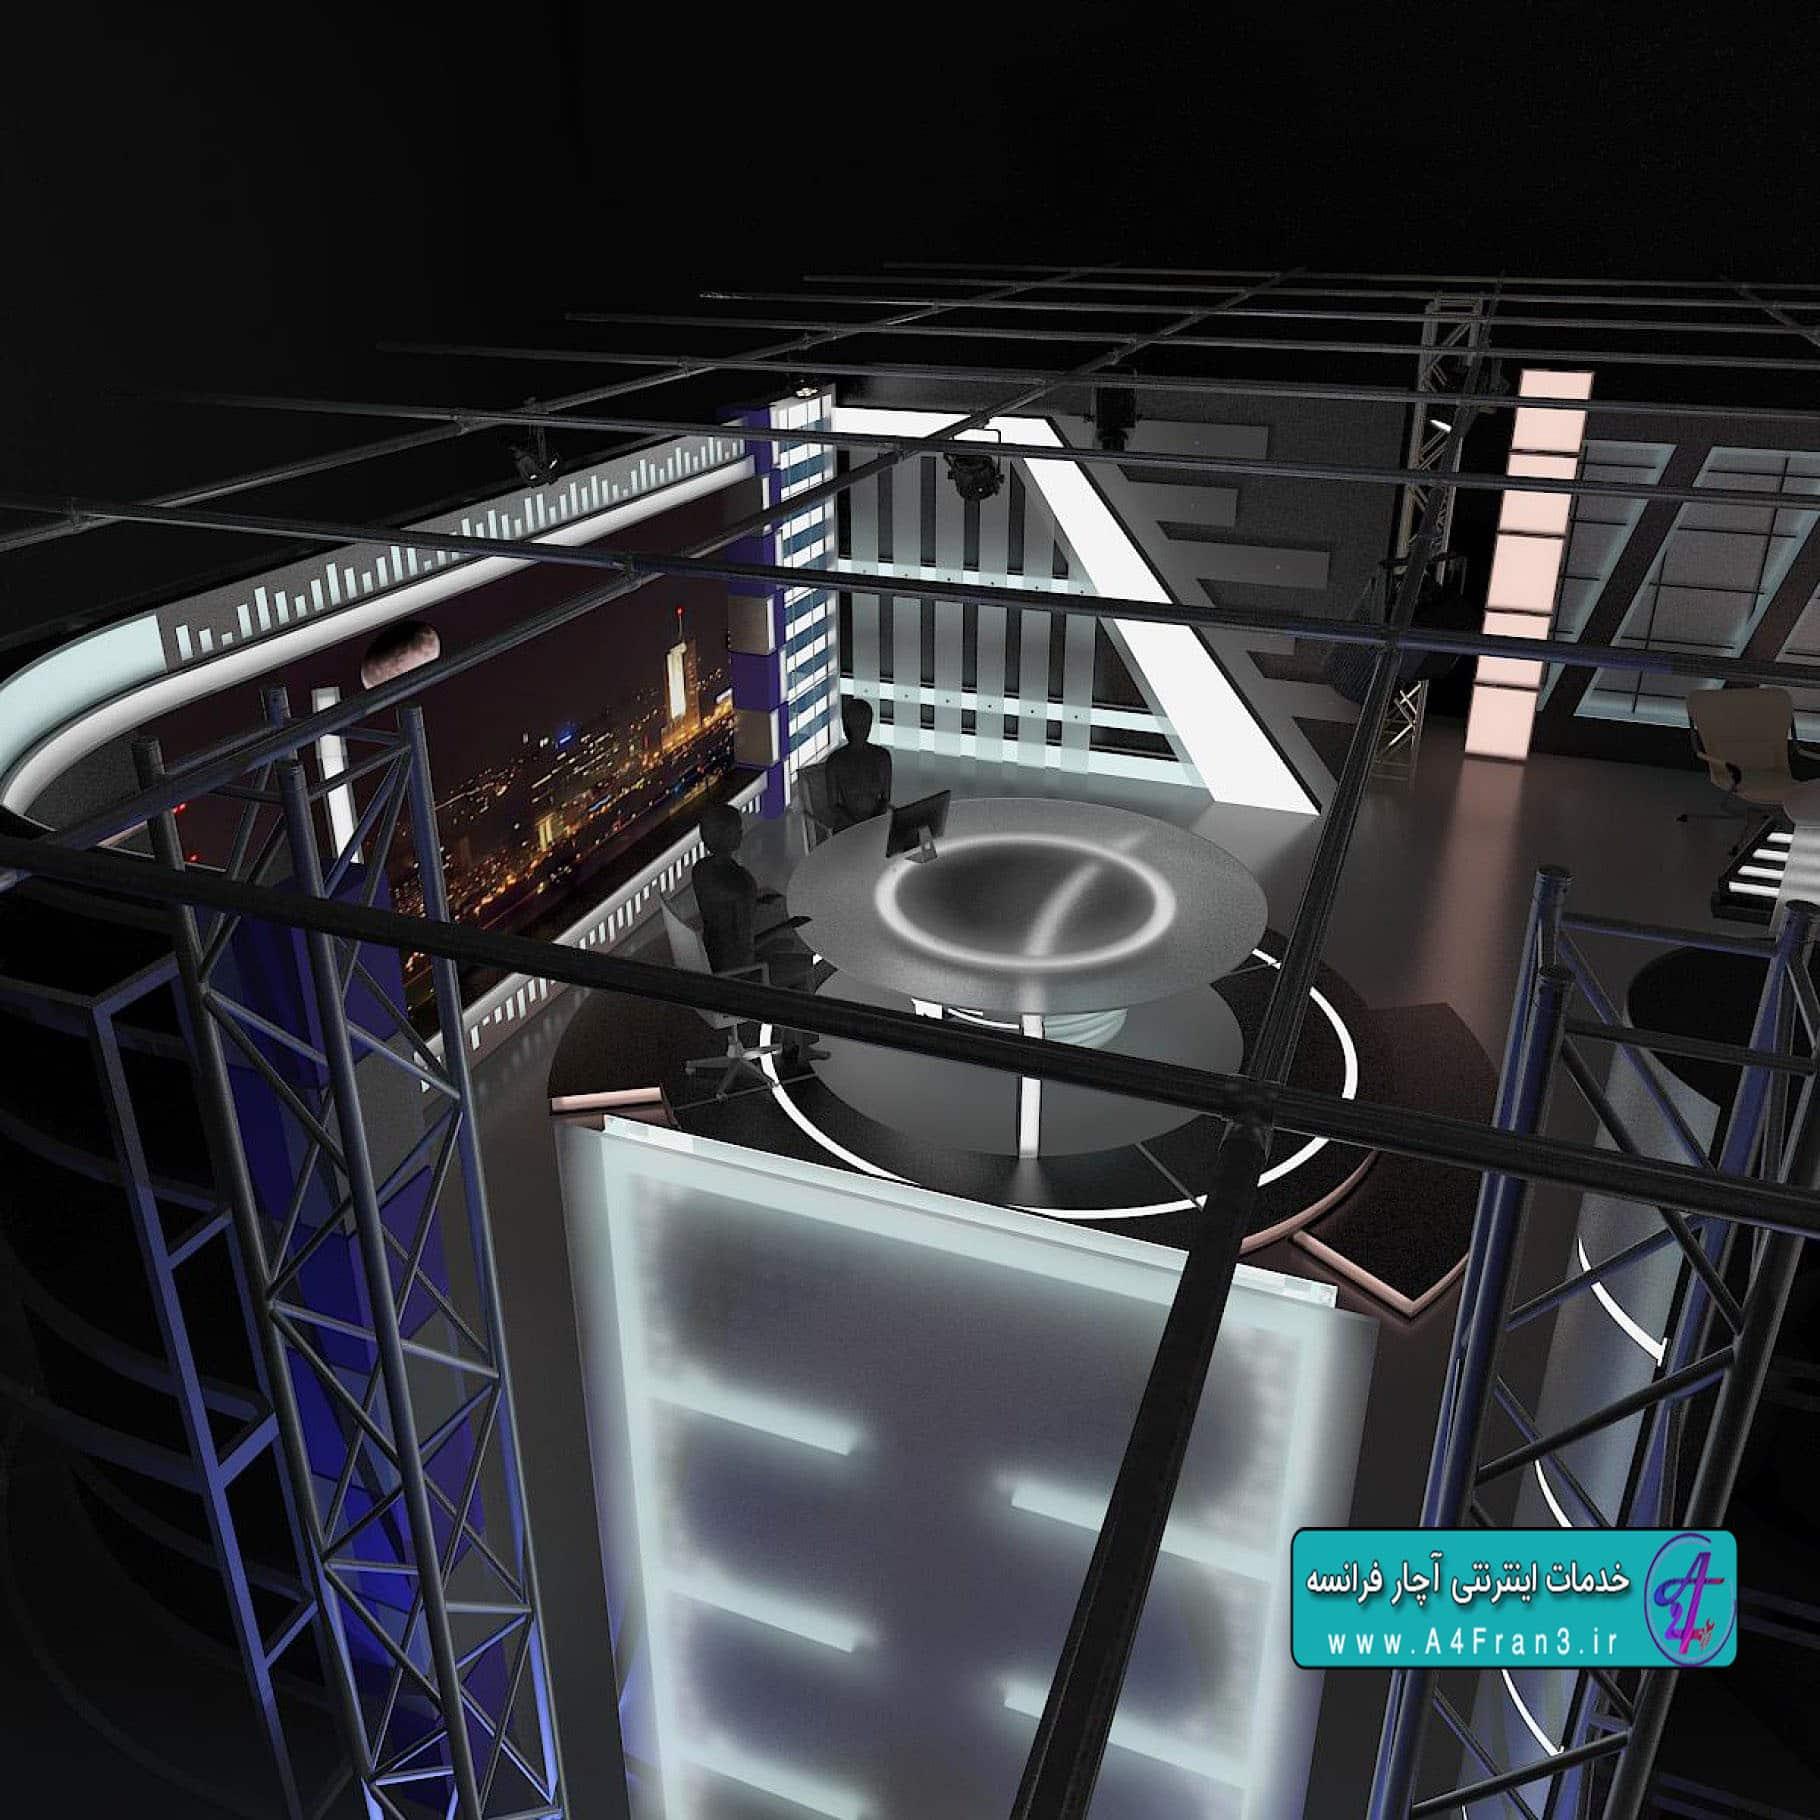 دانلود مدل سه بعدی استودیو تلویزیونی Virtual TV Studio News